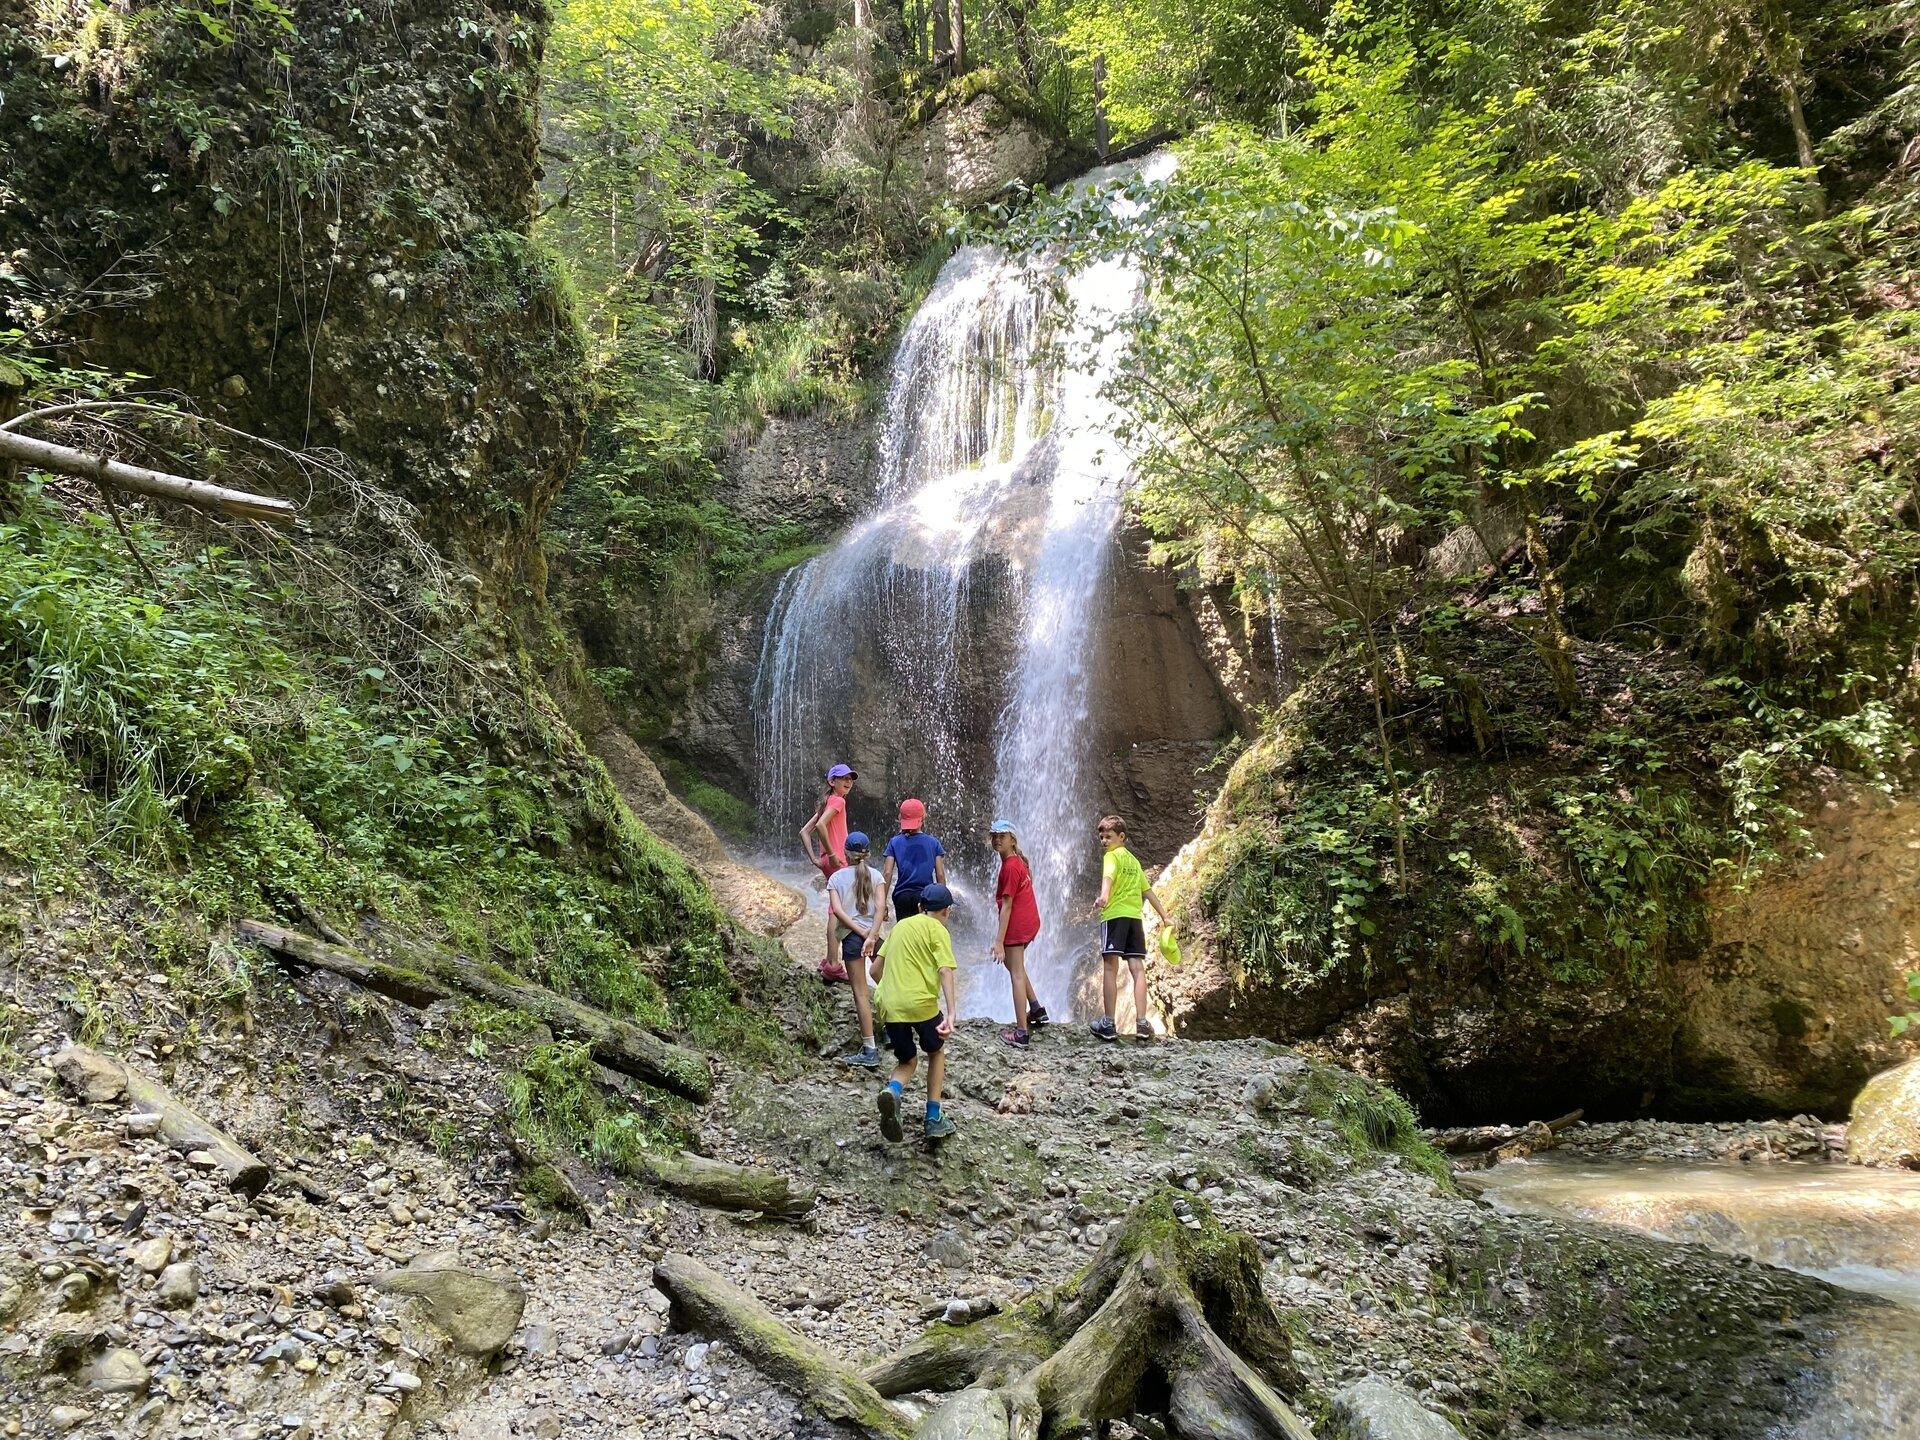 Niedersonthofener Wasserfall